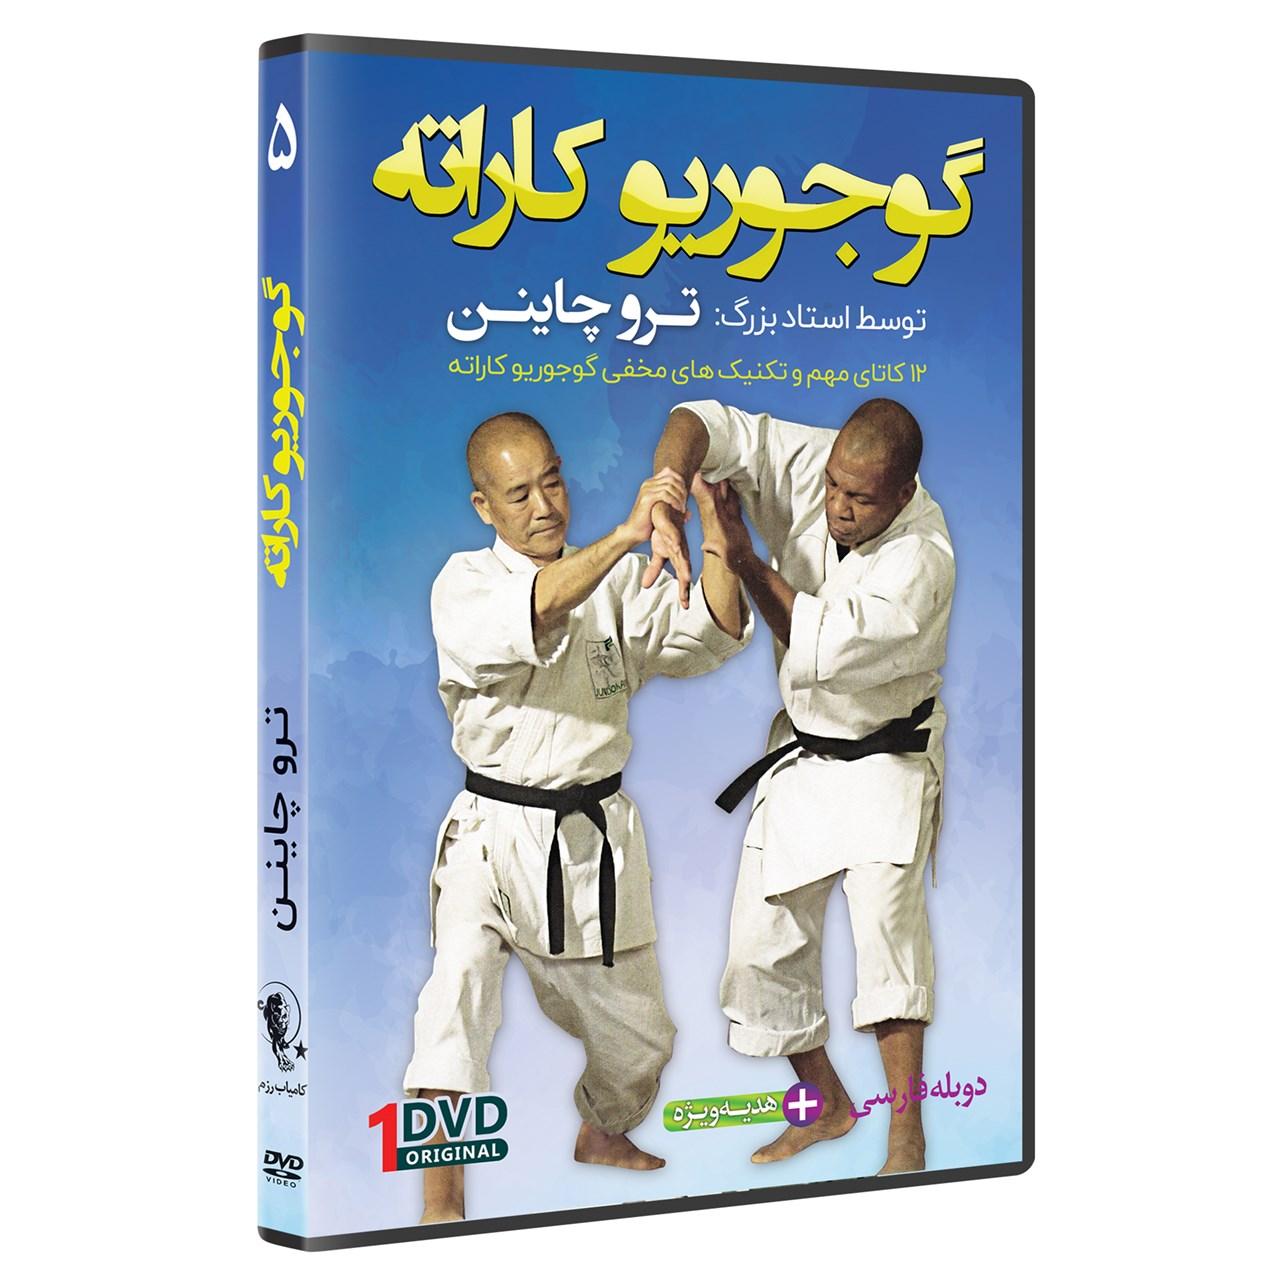 عکس فیلم آموزش سبک گوجوریو کاراته قسمت 5 نشرکامیاب رزم